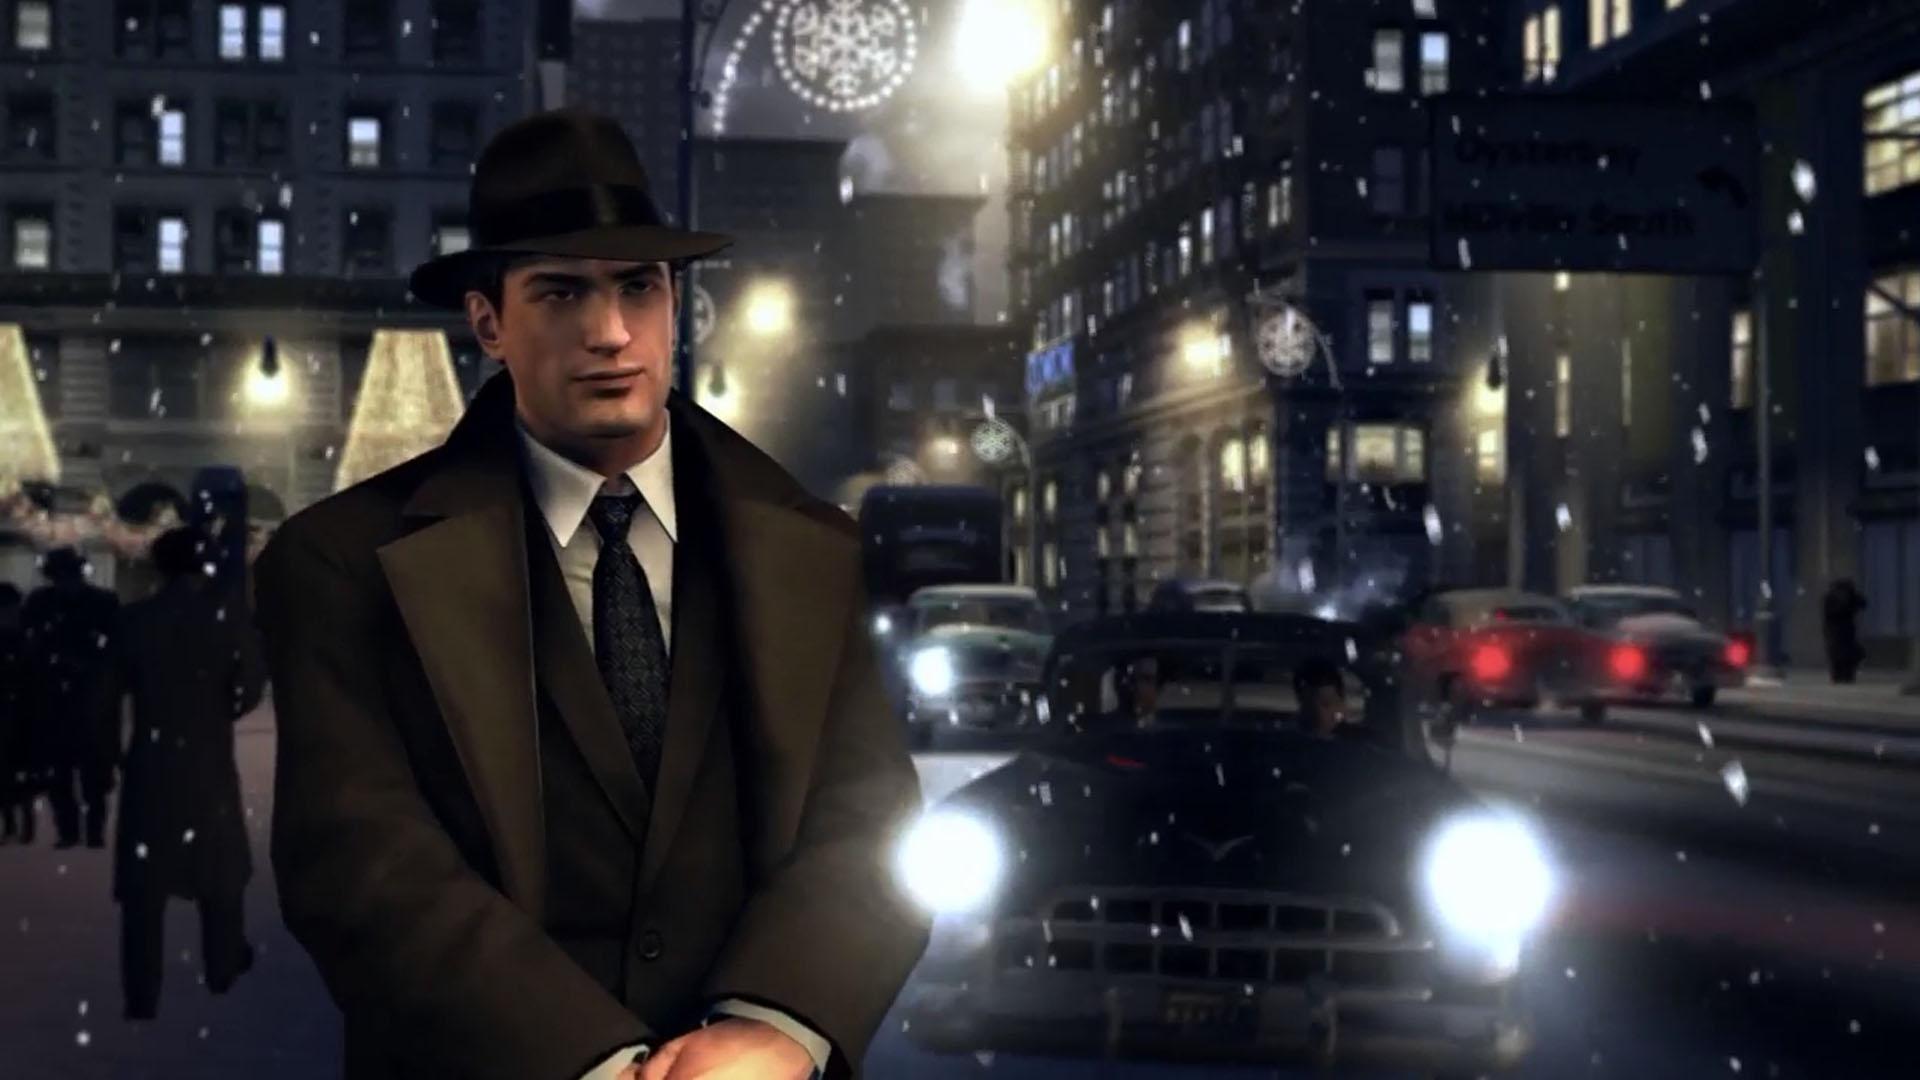 mafia-2-wallpaper